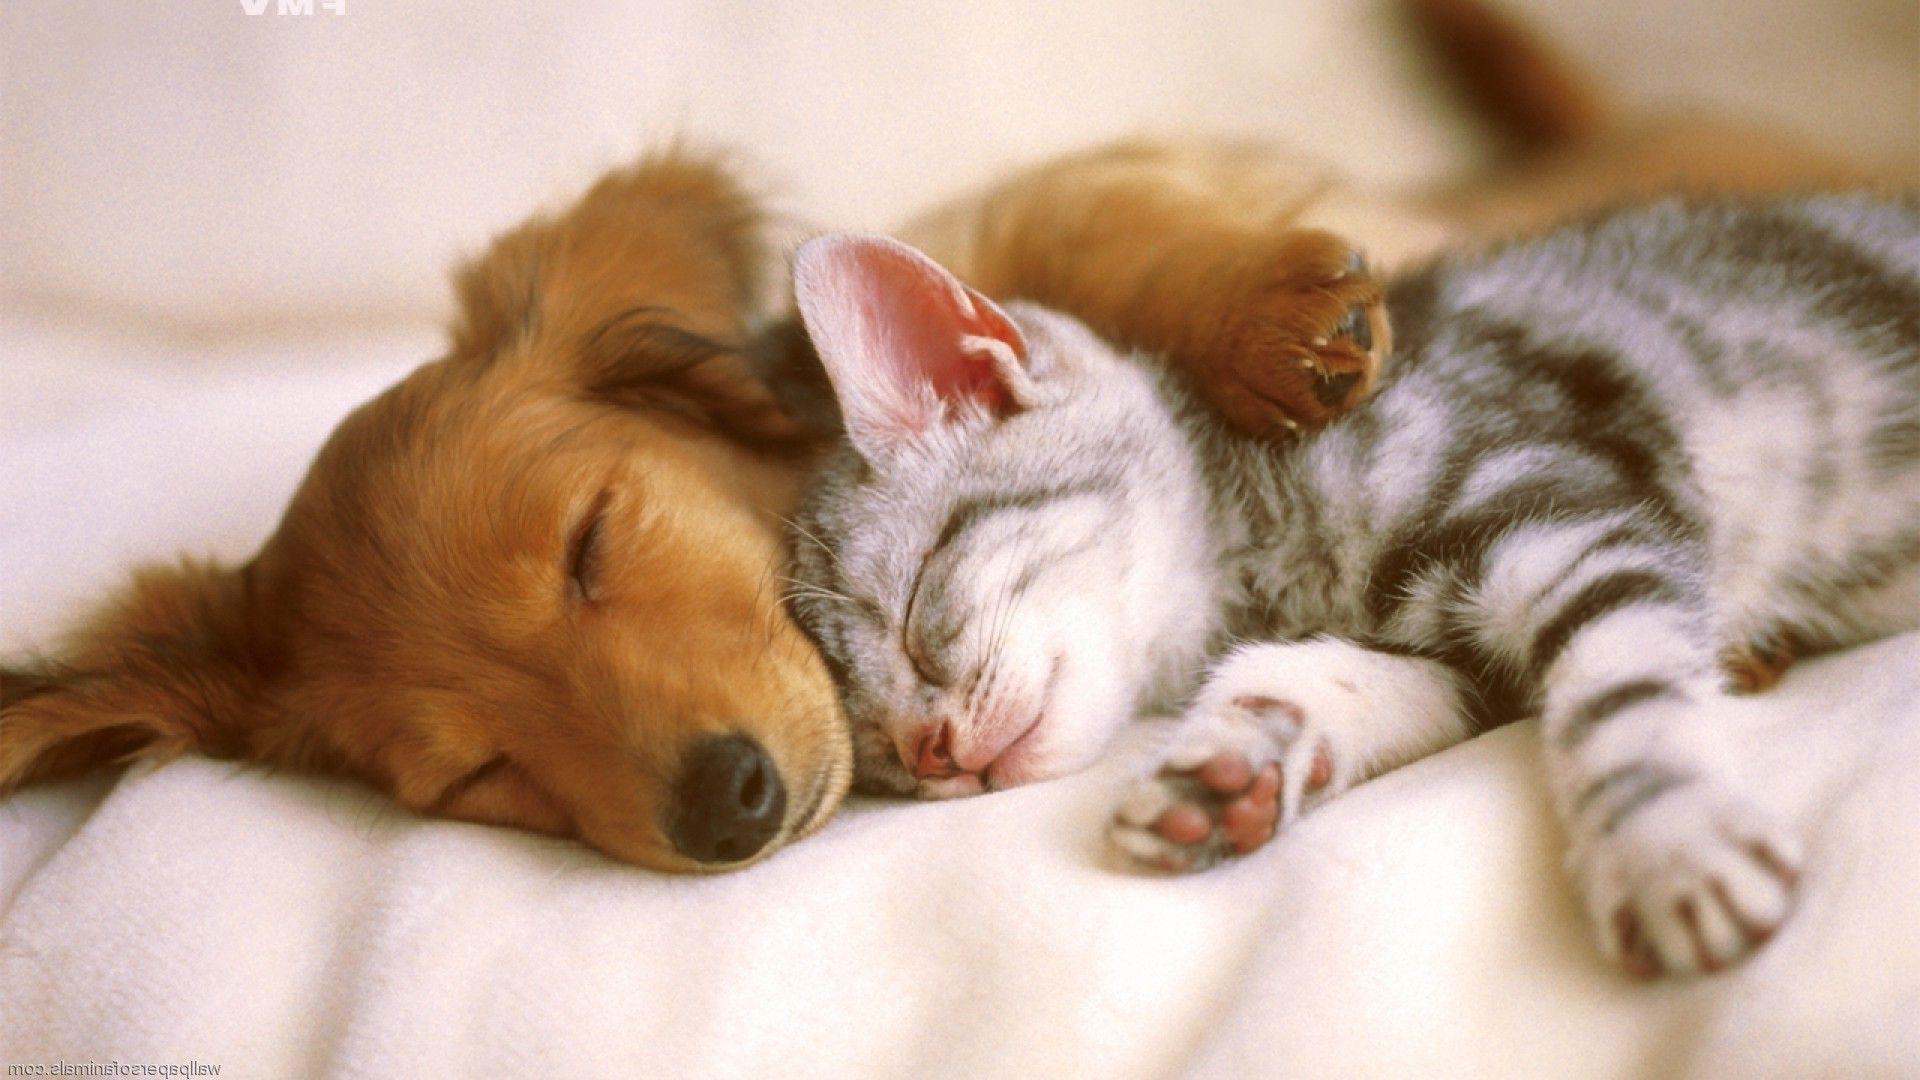 ペットの爪とぎに強いソファカバーでペットと一緒にくつろごう